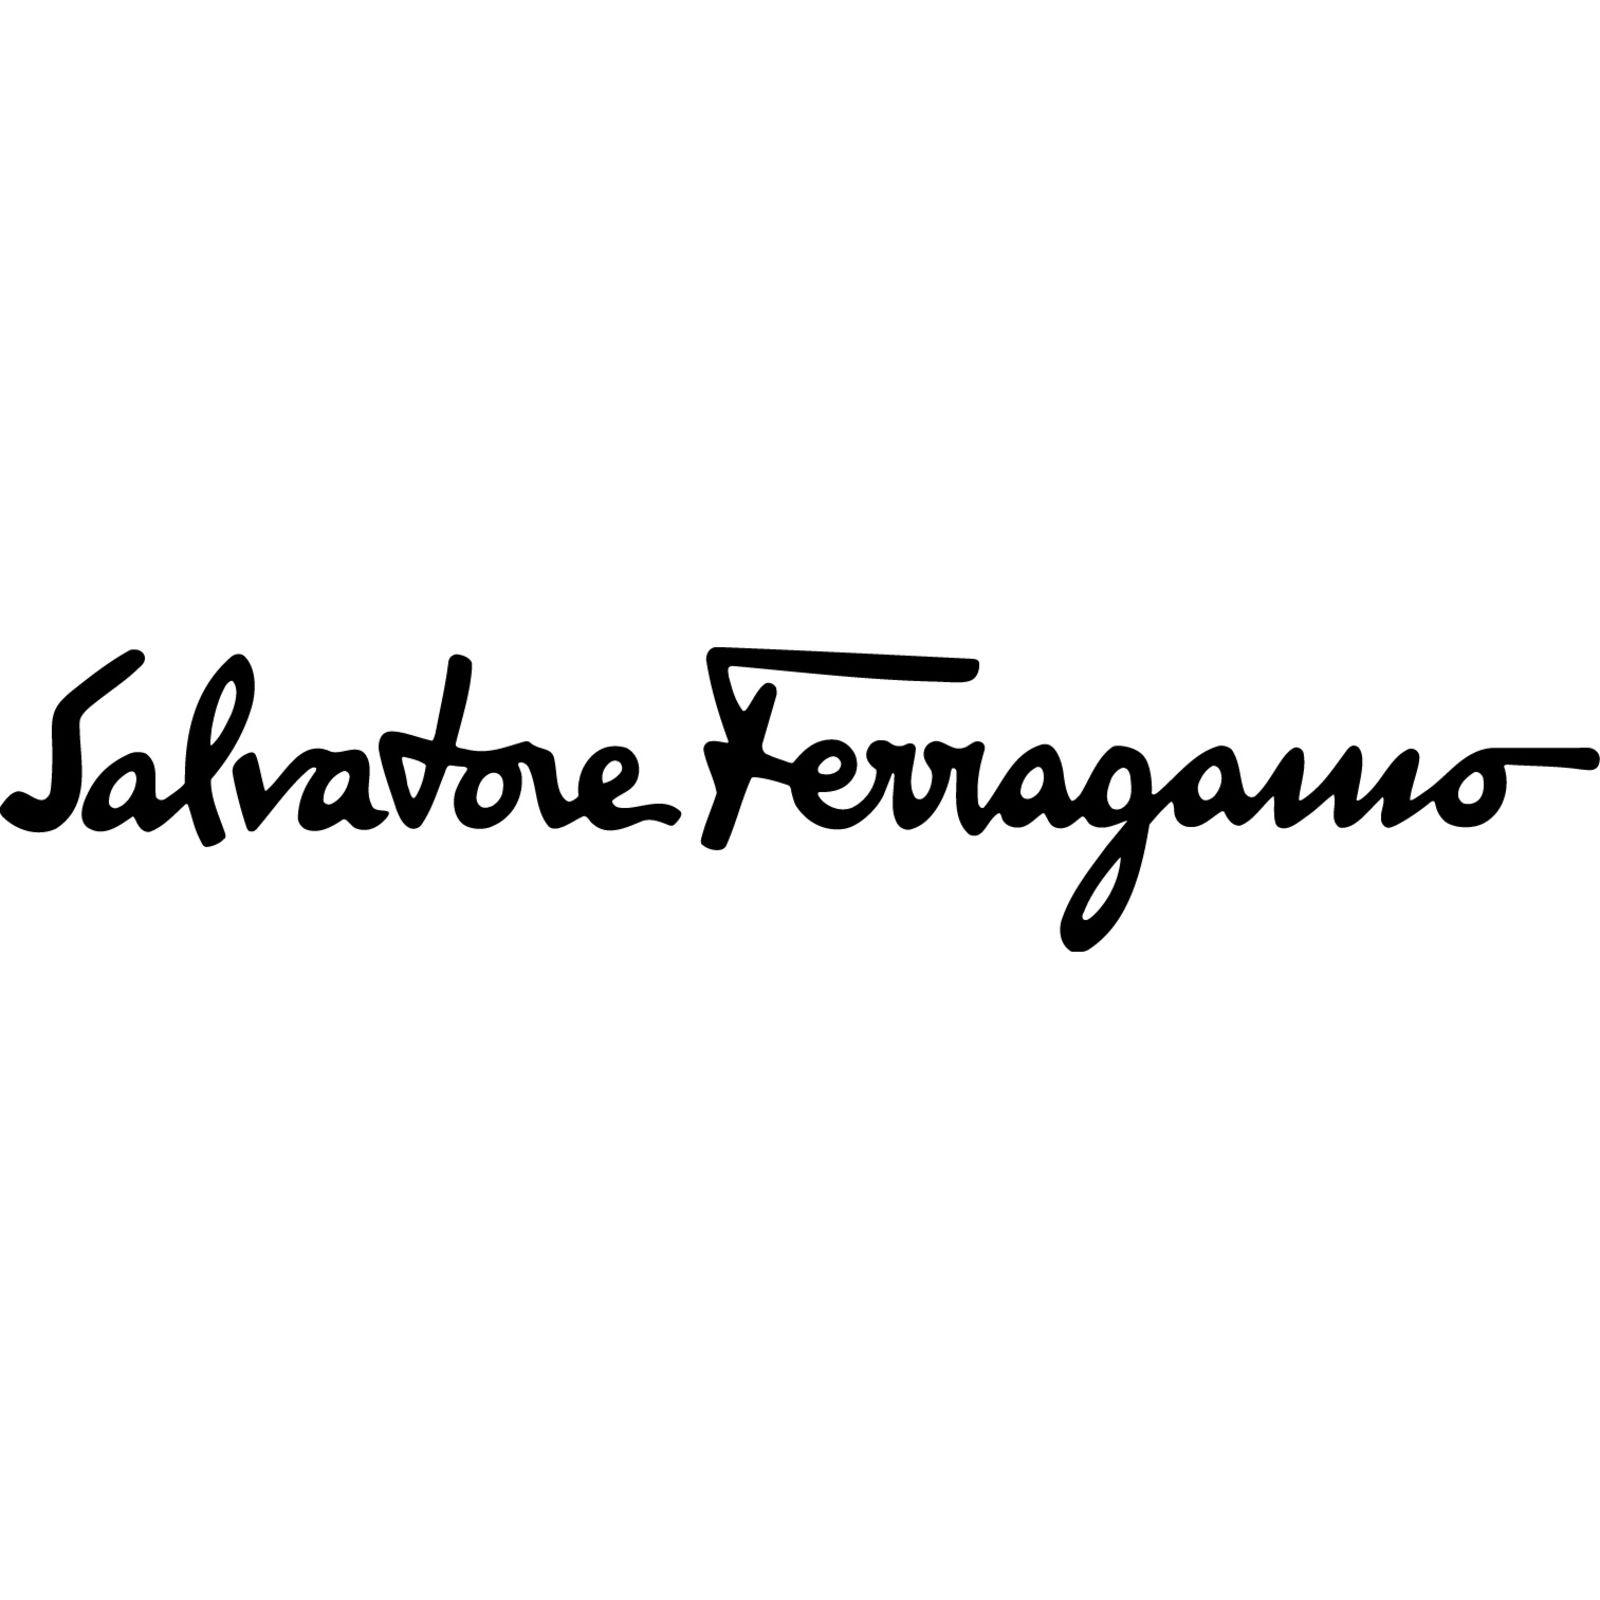 Salvatore Ferragamo (Image 1)